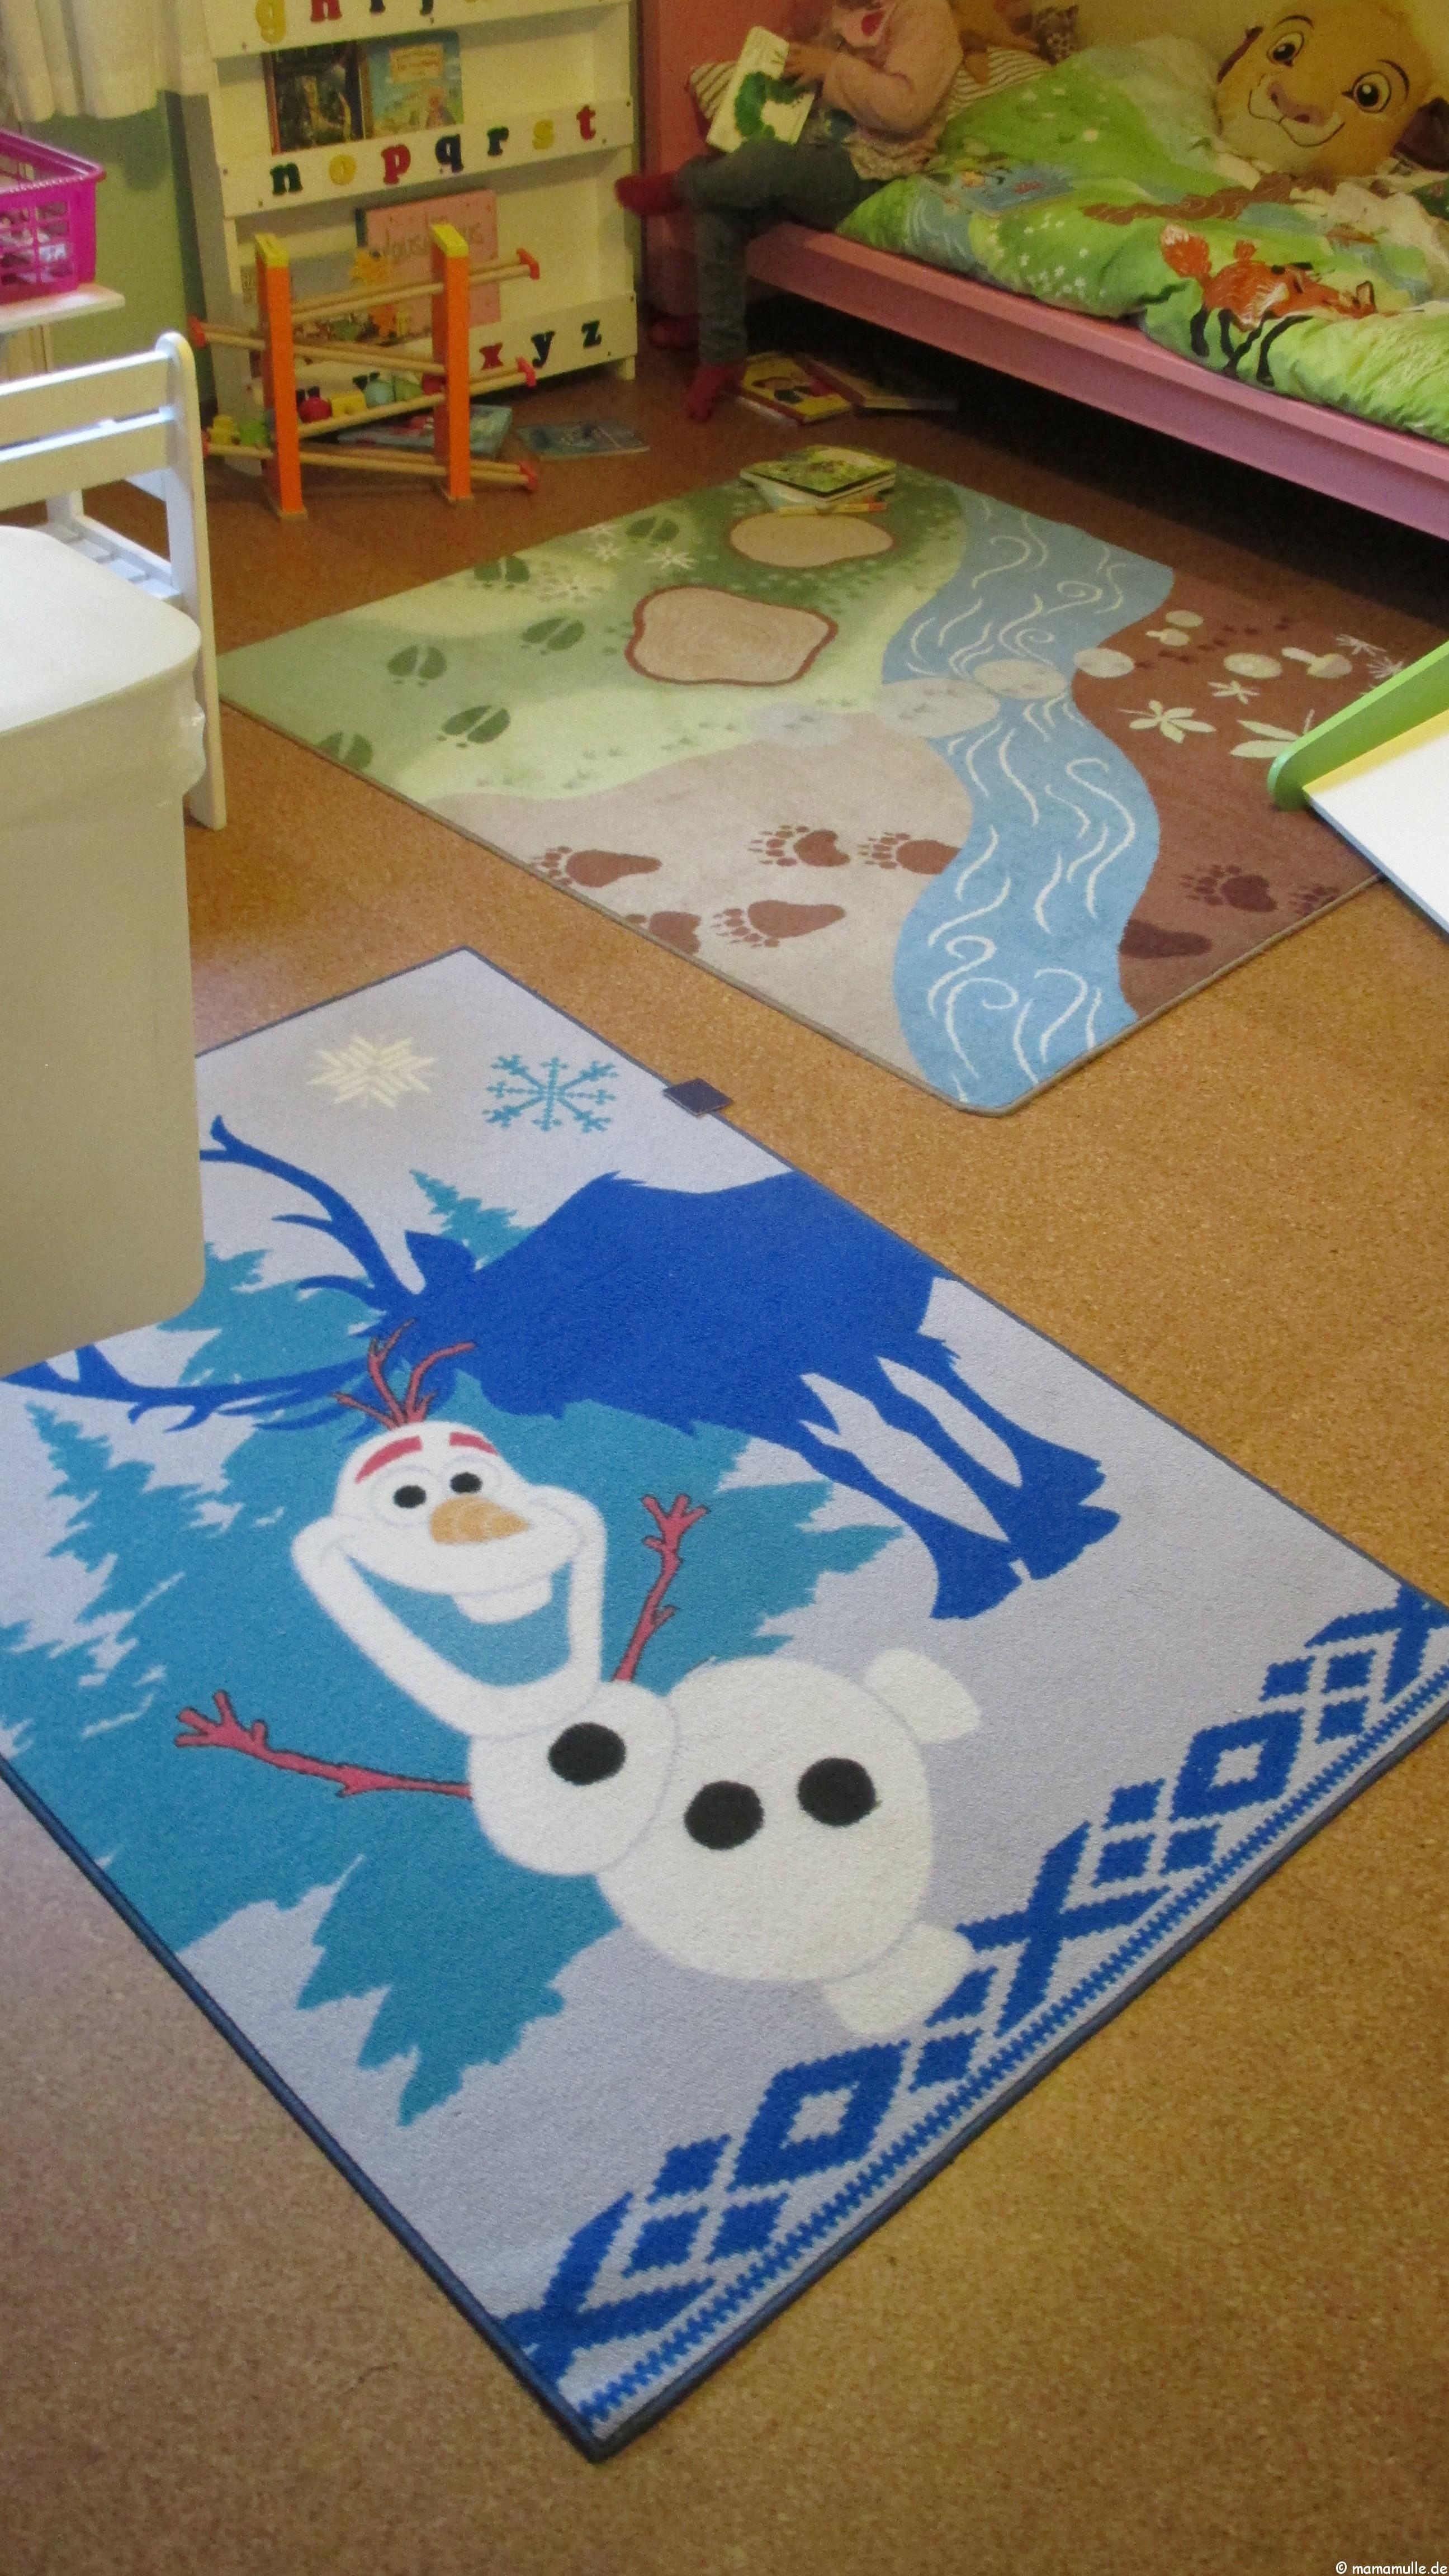 Ein waldiges Kinderzimmer für zwei Mulle-Mäuse   Mamamulle\'s Blog